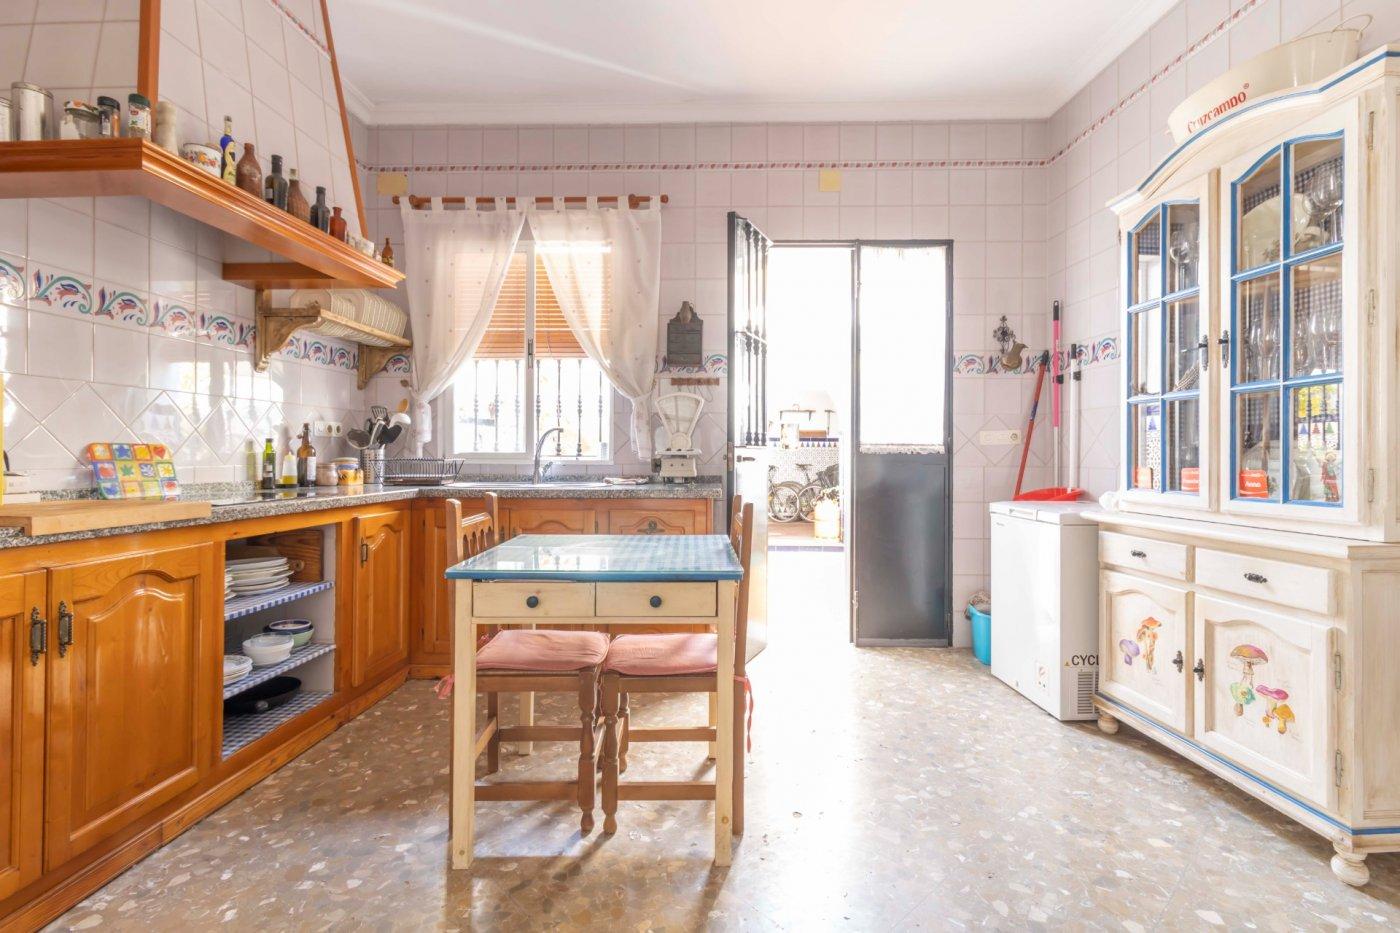 Casa a la venta en salteras - imagenInmueble13